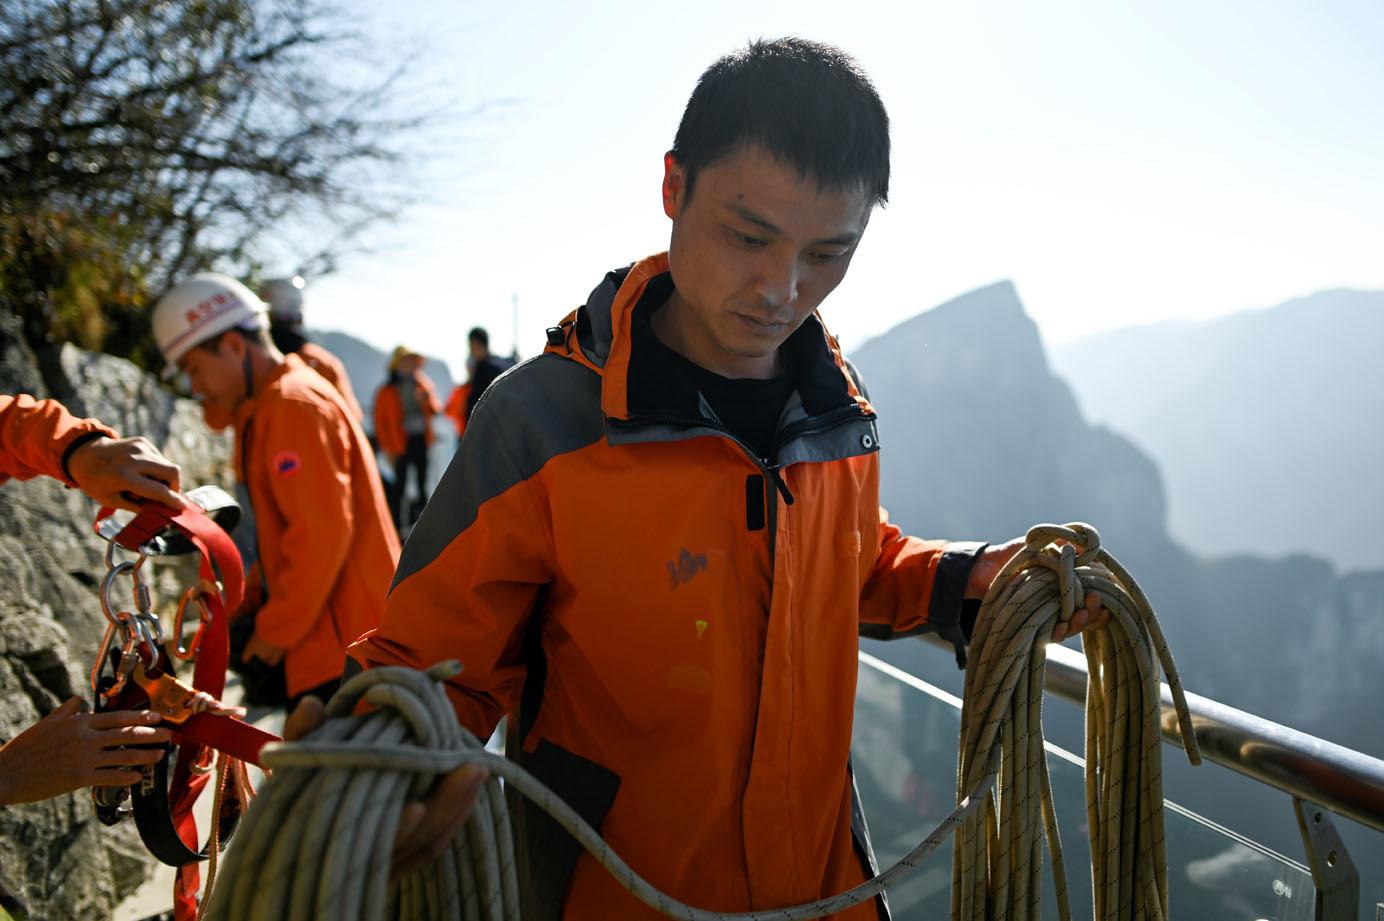 Eboueurs Spiderman en Chine, AFP